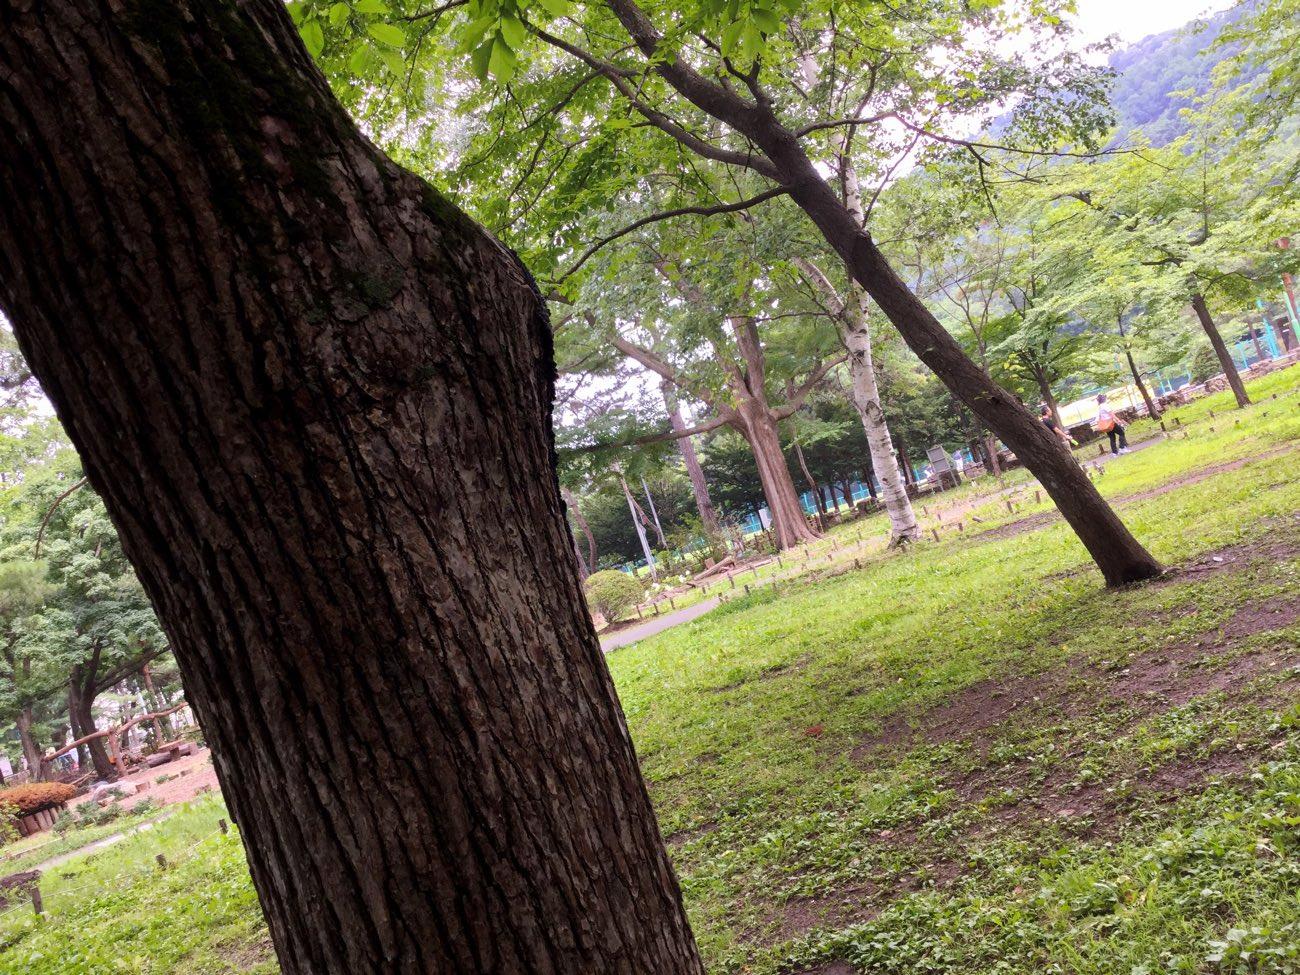 円山公園は木ばっかし